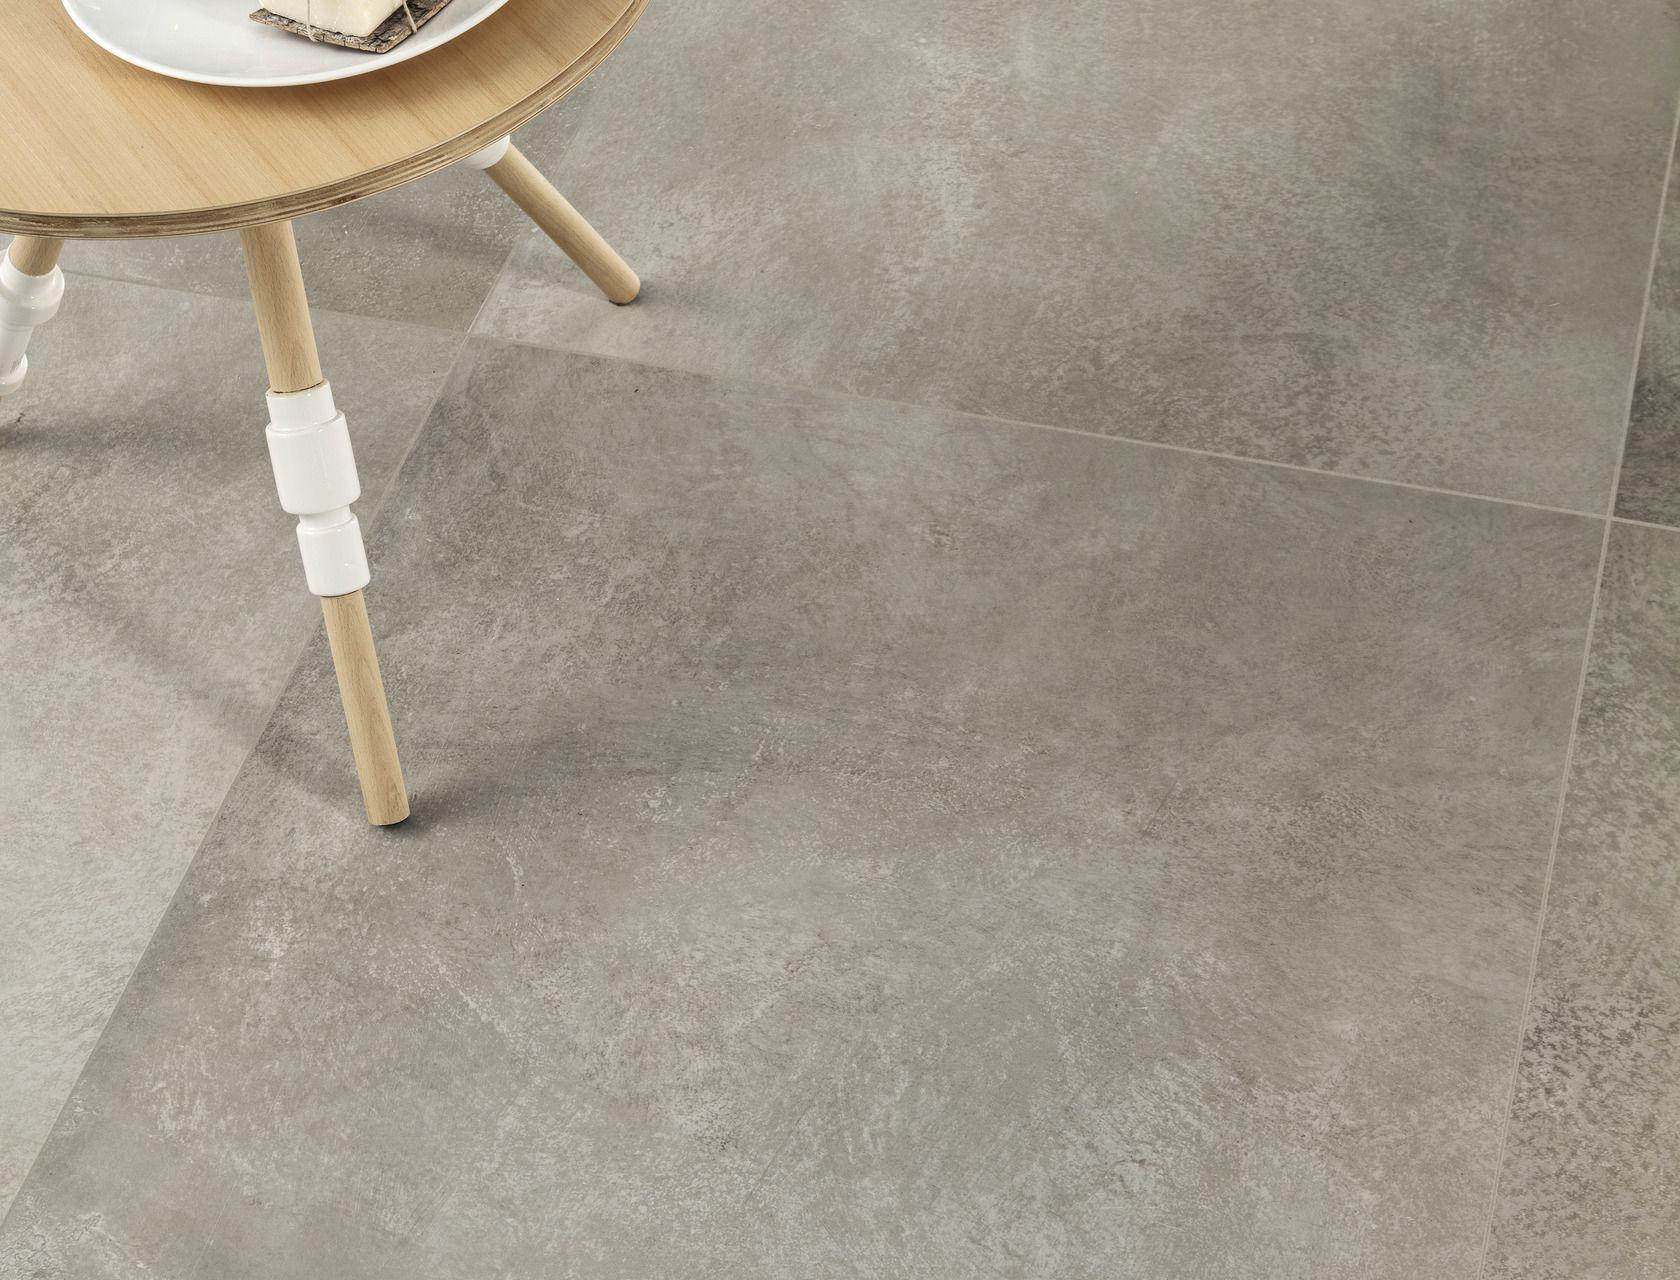 Gres porcellanato effetto cemento resina pavimenti e rivestimenti